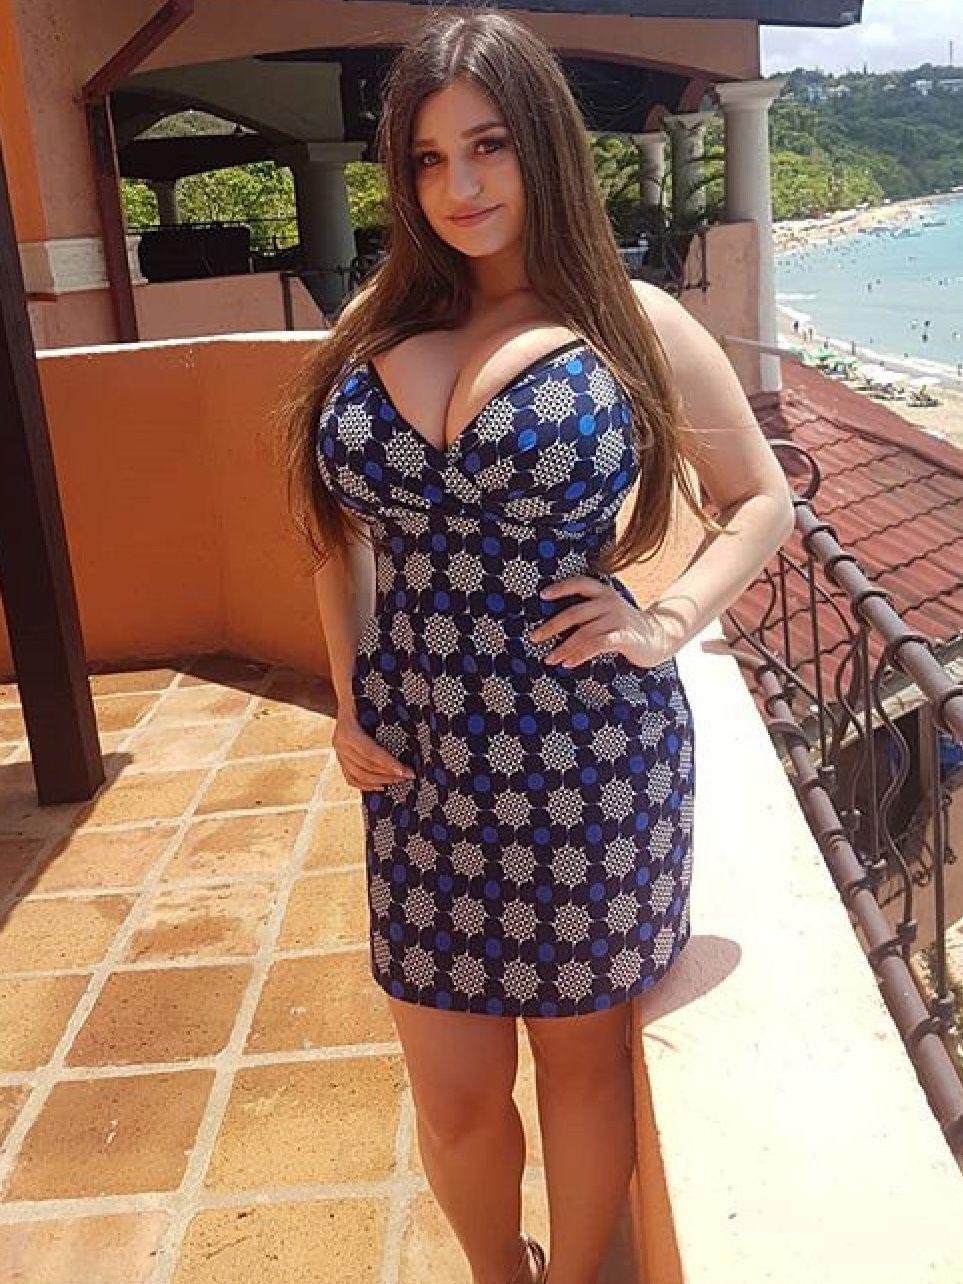 stripper video hot tan